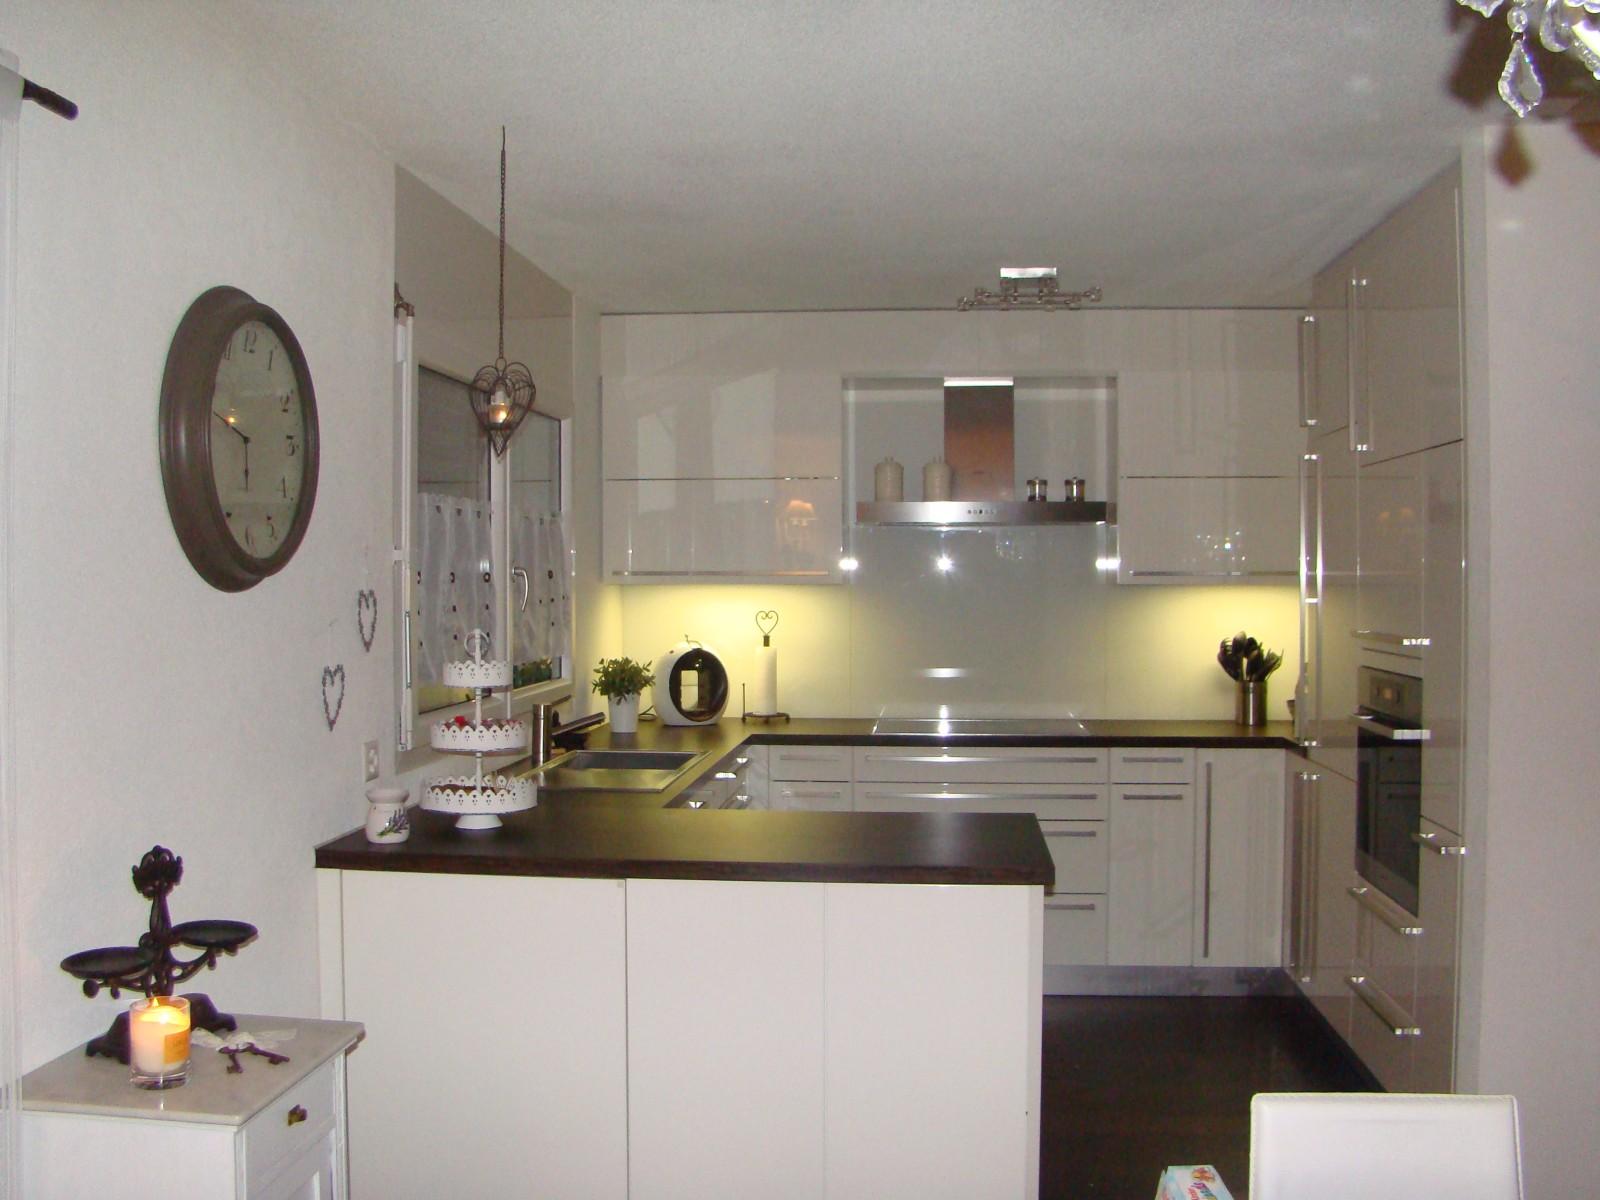 Küche Mein Domizil von enyans94 - 30712 - Zimmerschau